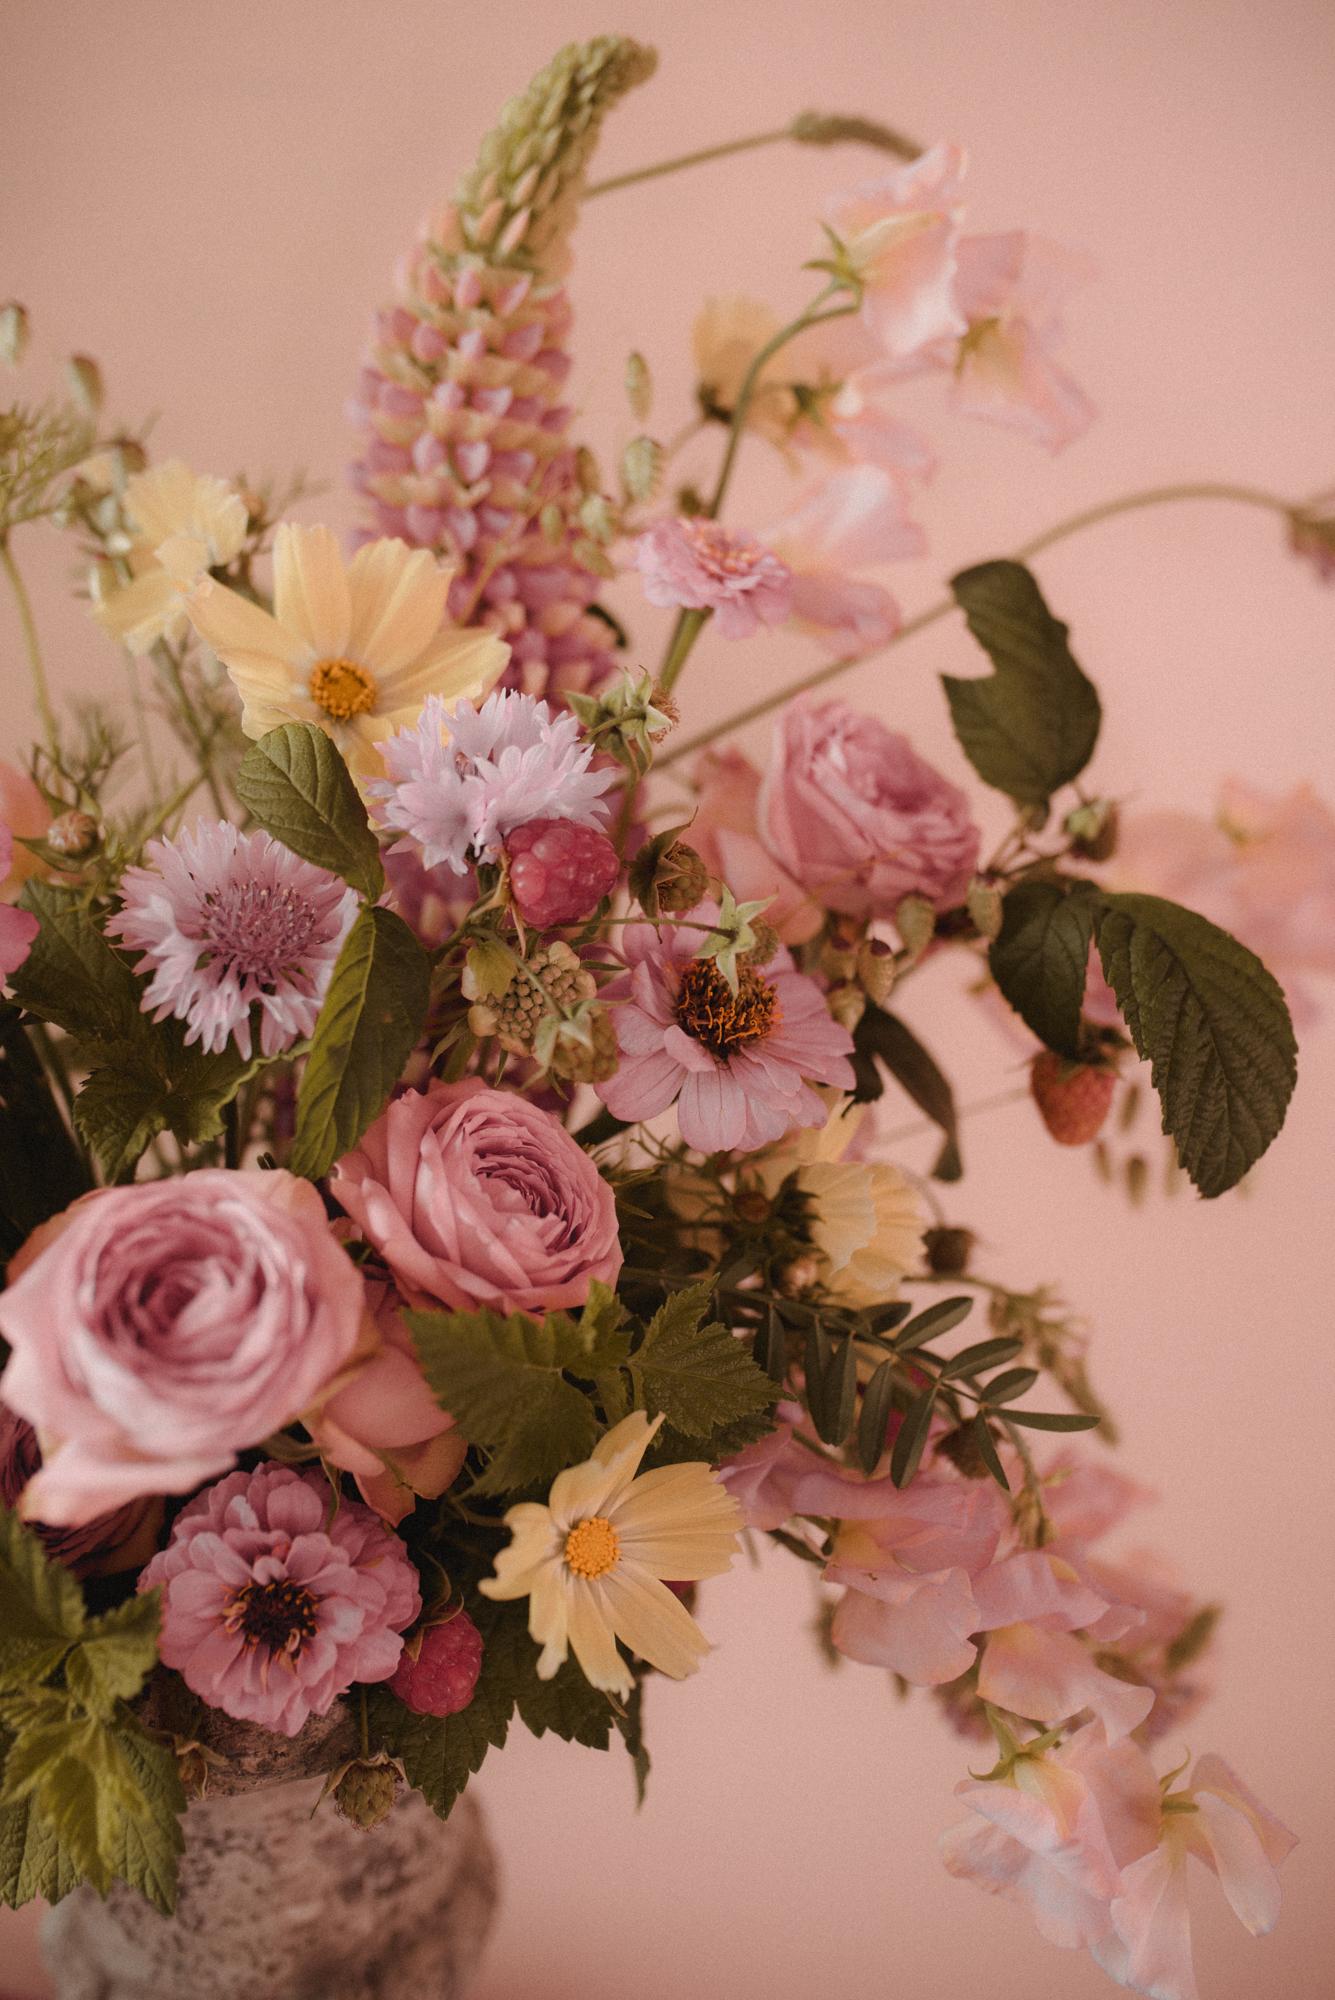 Fleurettes-12 2.jpg